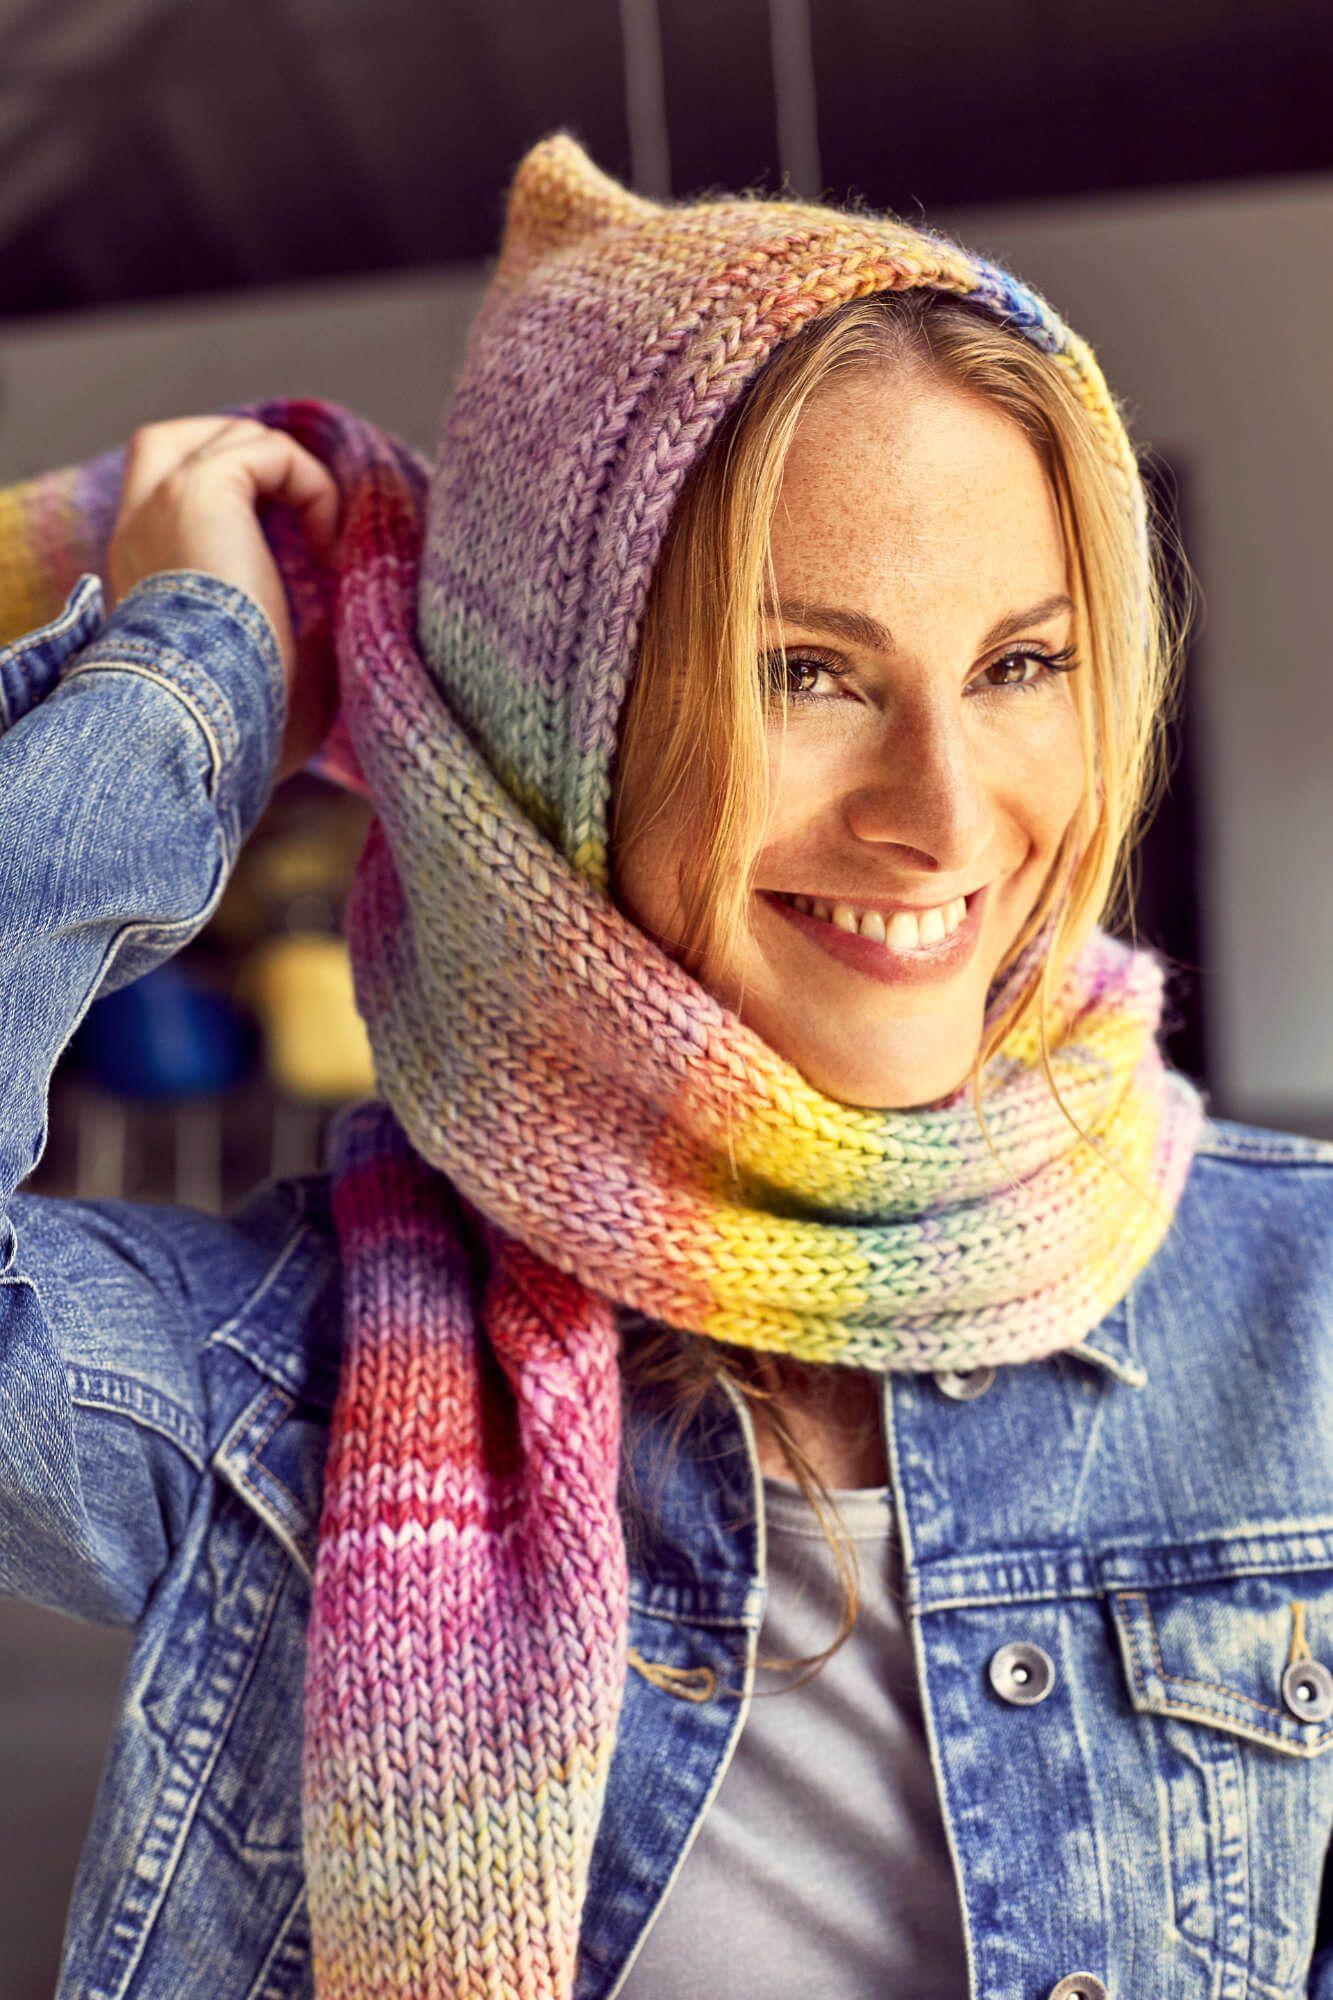 Scoodie Kapuzenschal Mit Der Addiexpress Crochet Stricken